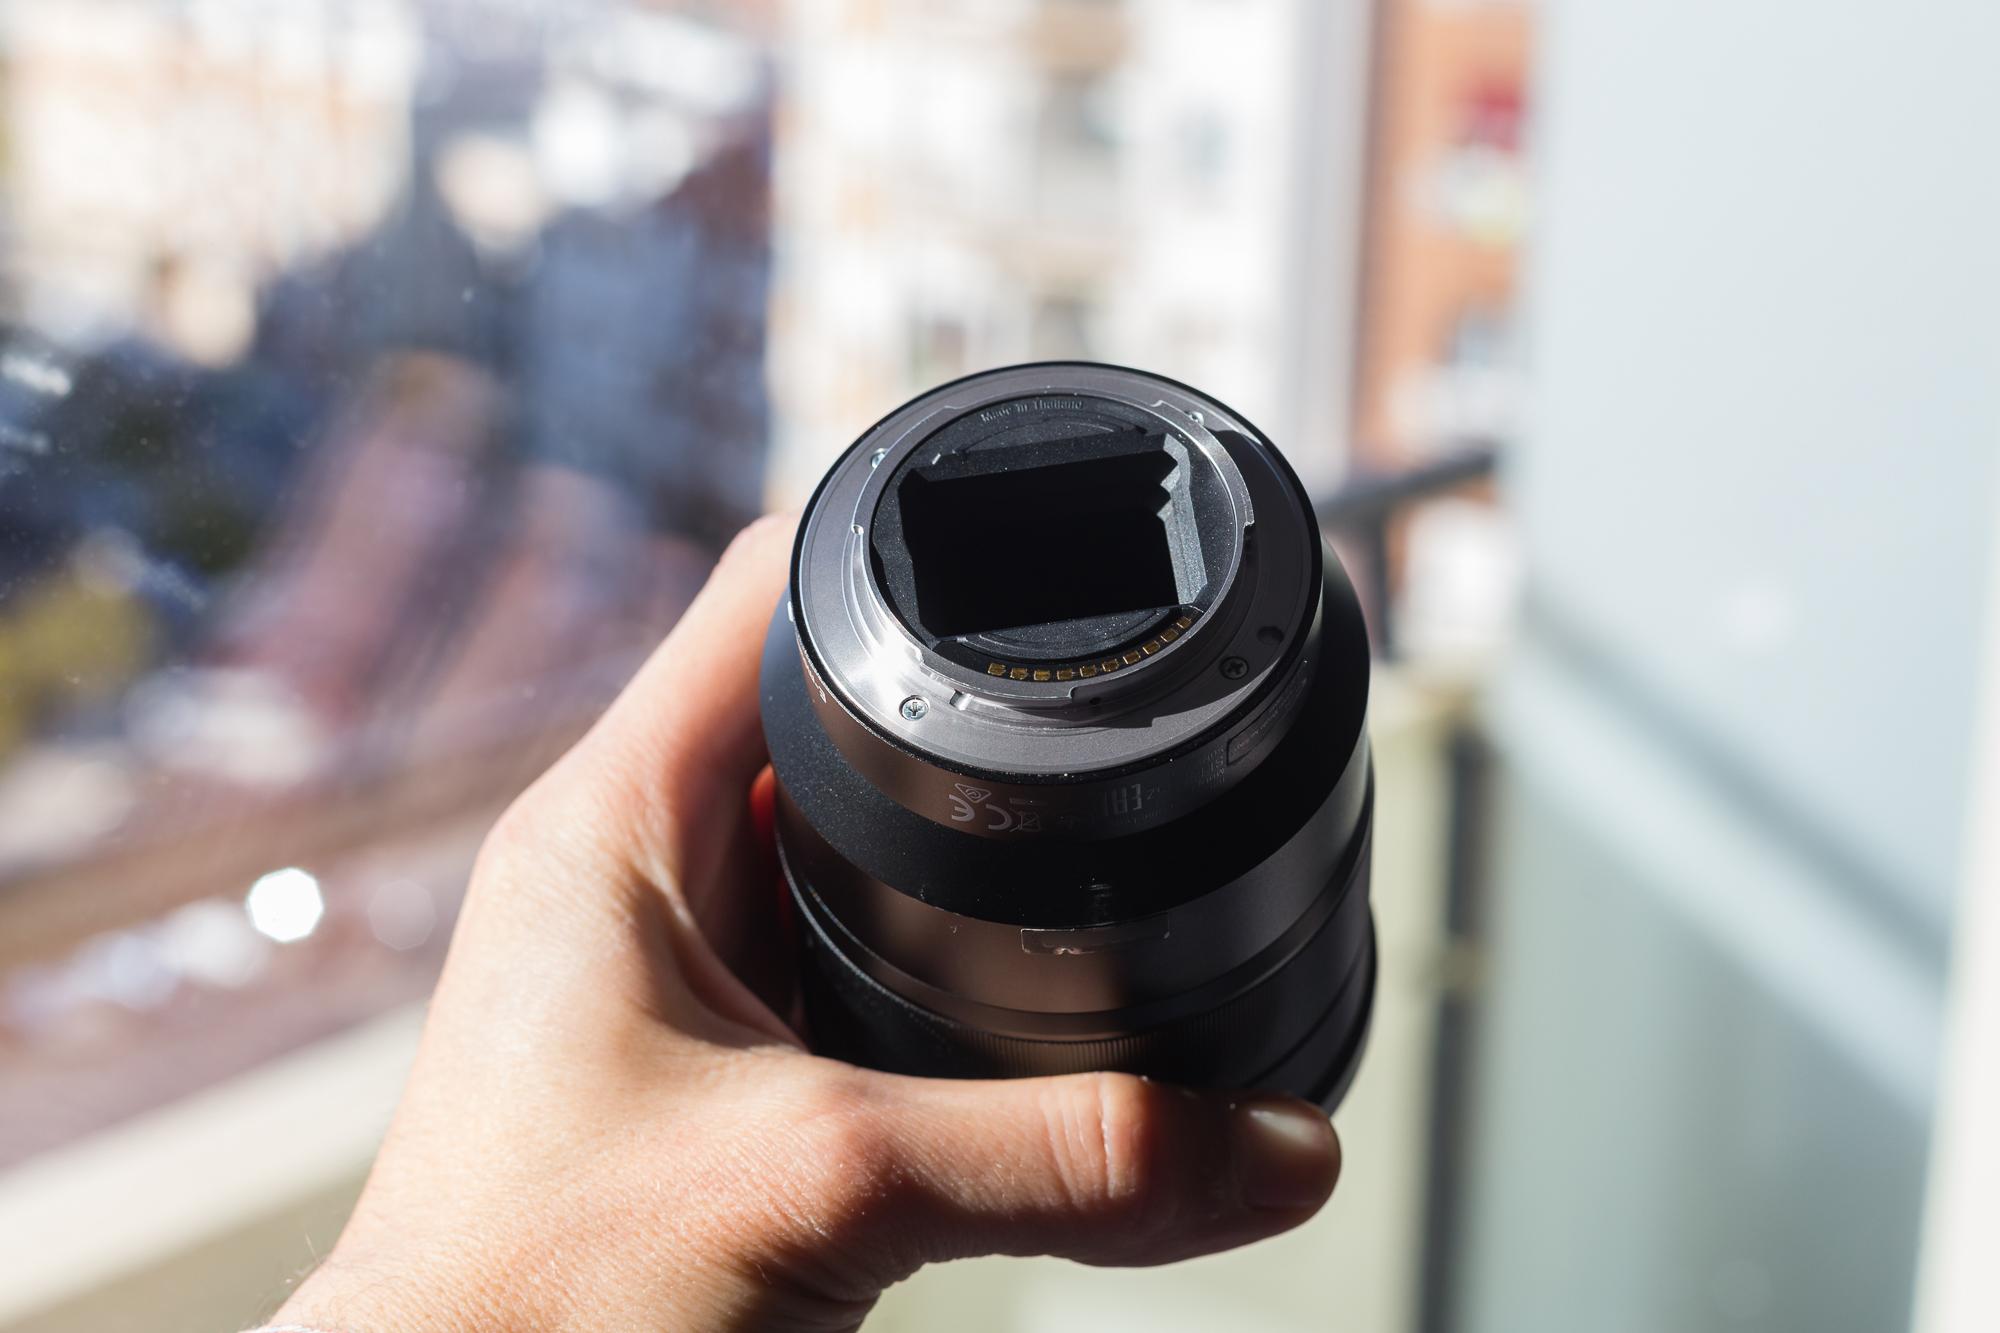 VENDO - Sony Zeiss 16-35mm F/4 + Filtro UV en Camaras y Objetivos271020-sony-16-35-11799-1